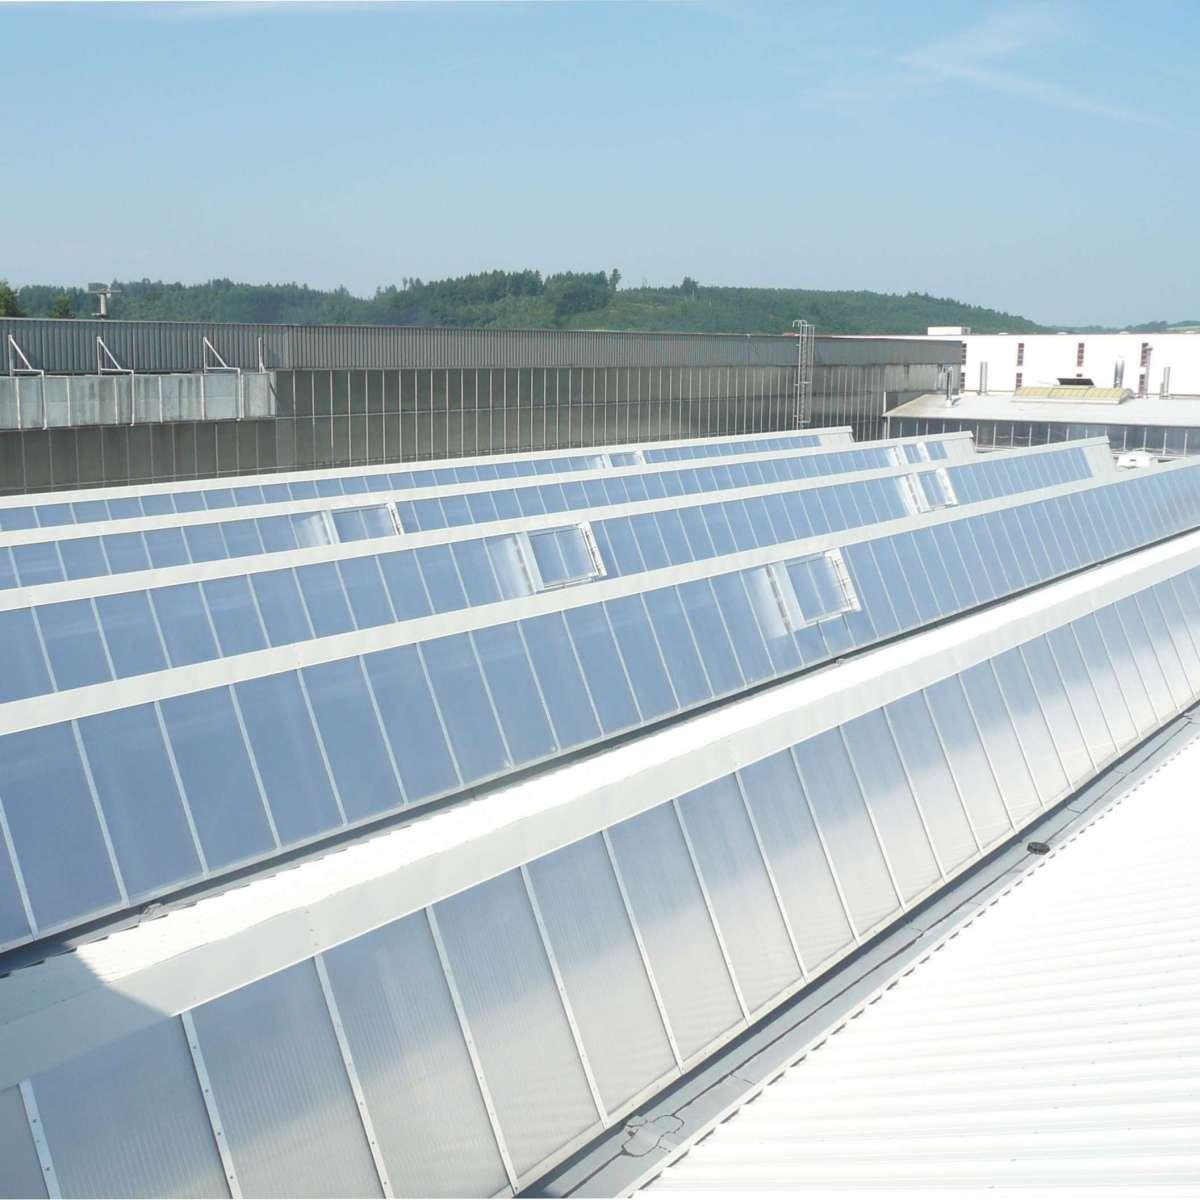 Tegometall Ladenbau GmbH | Krauchenwies • 3000m² shed glazing polycarbonate, 51 NSHEV       louvered ventilators